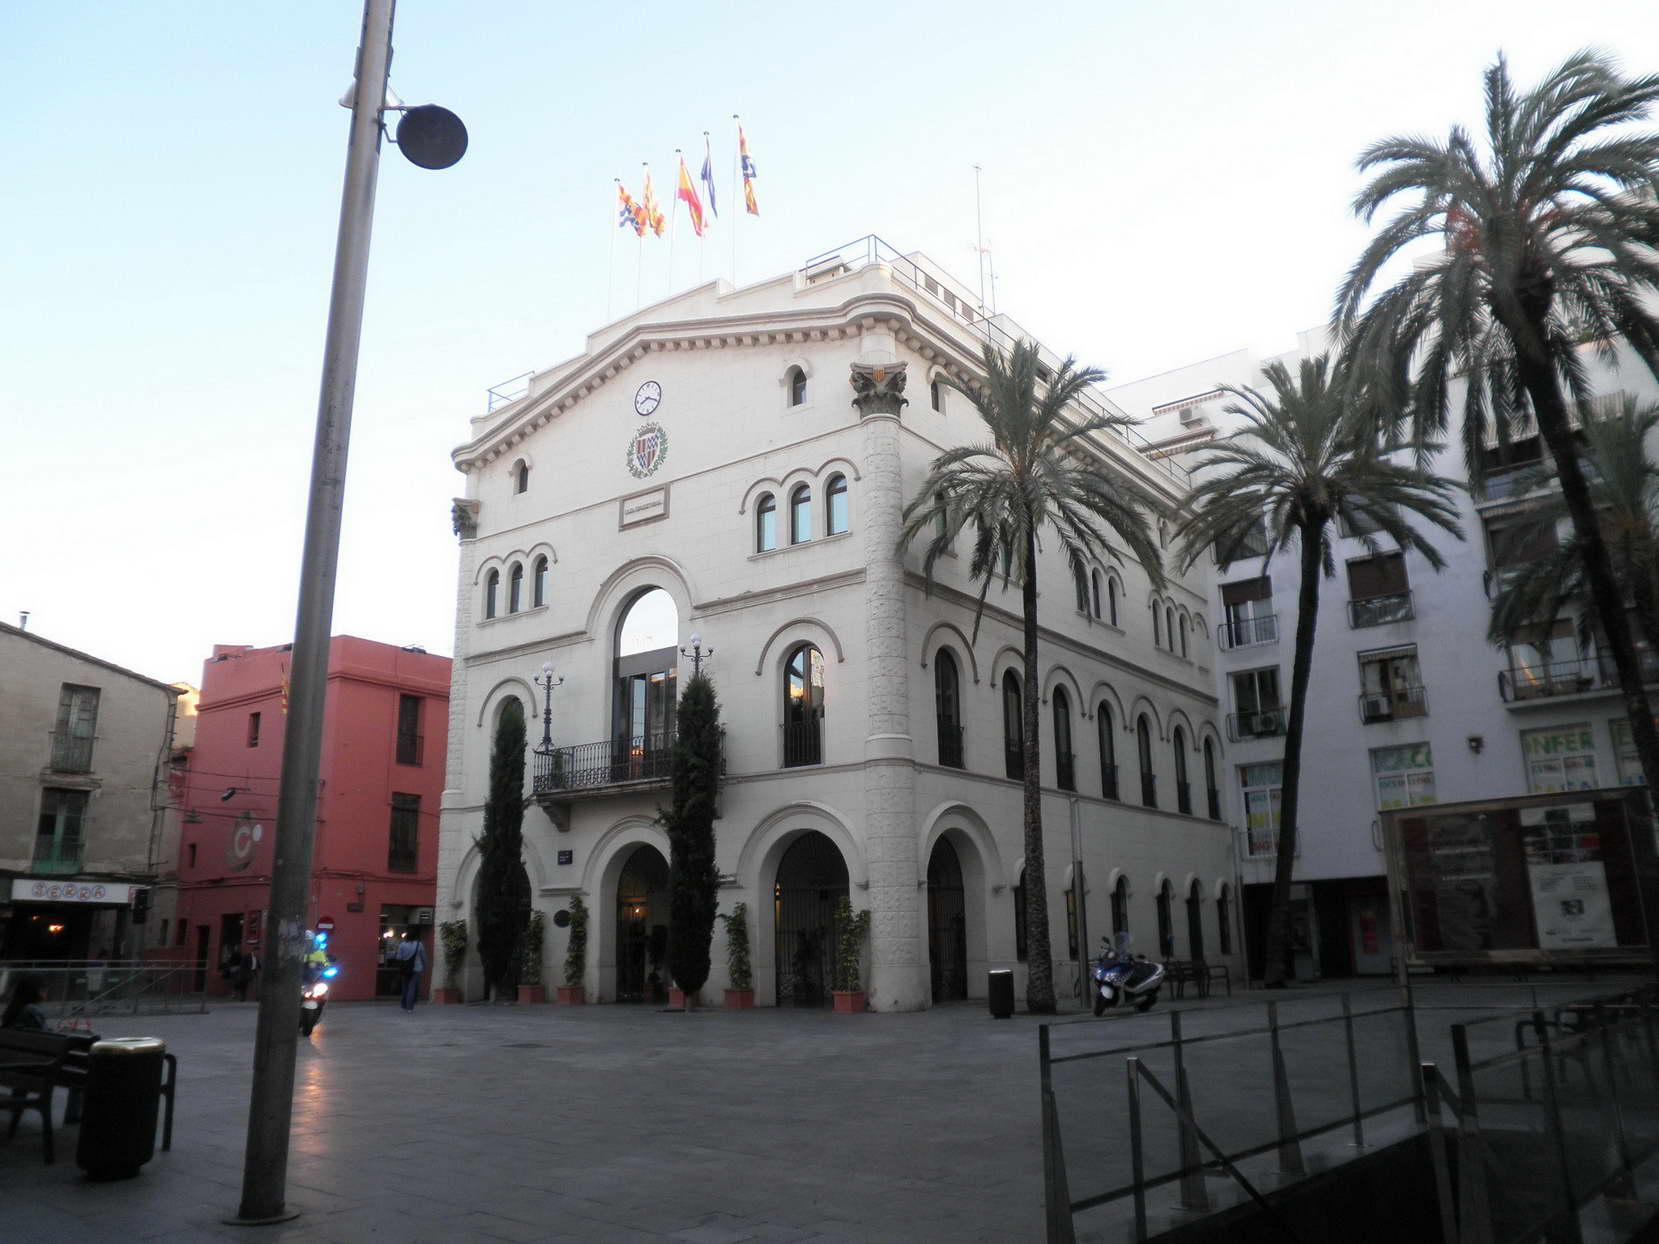 Una imatge de l'Ajuntament de Badalona